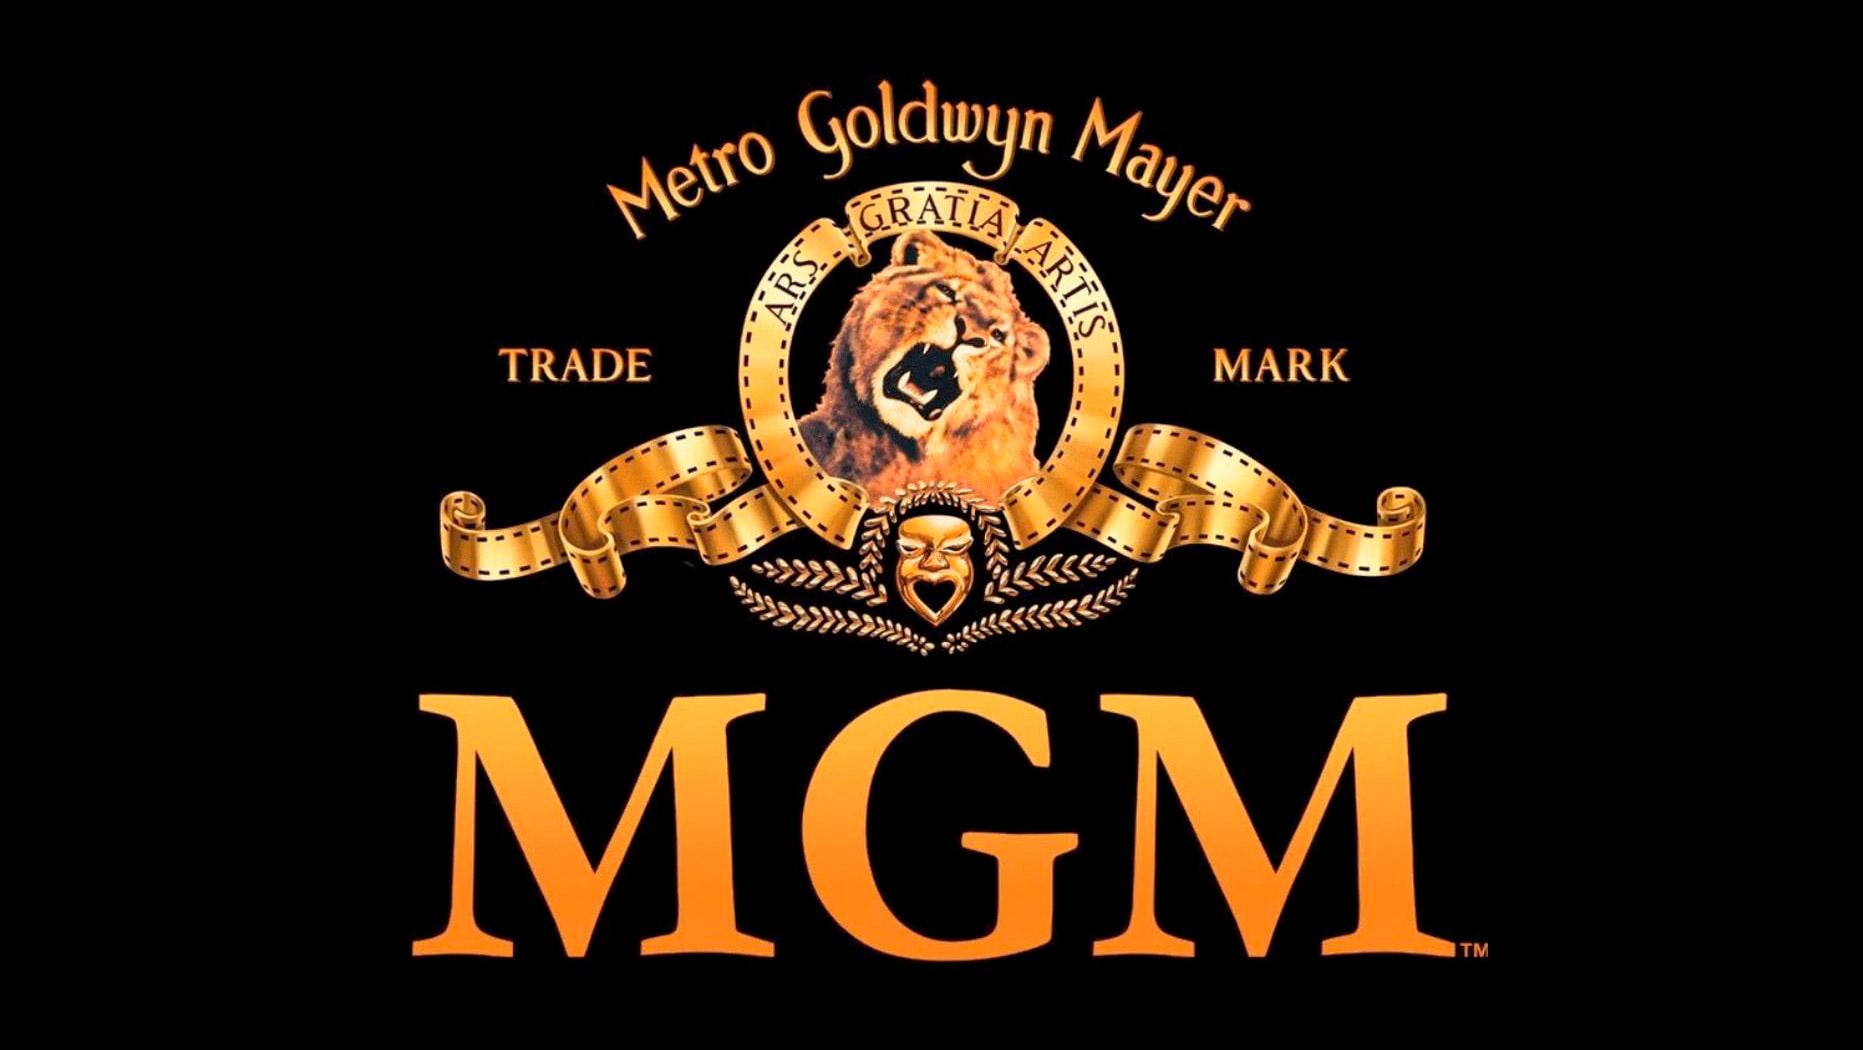 Студию MGM готовы продать за 5,5 миллиарда долларов